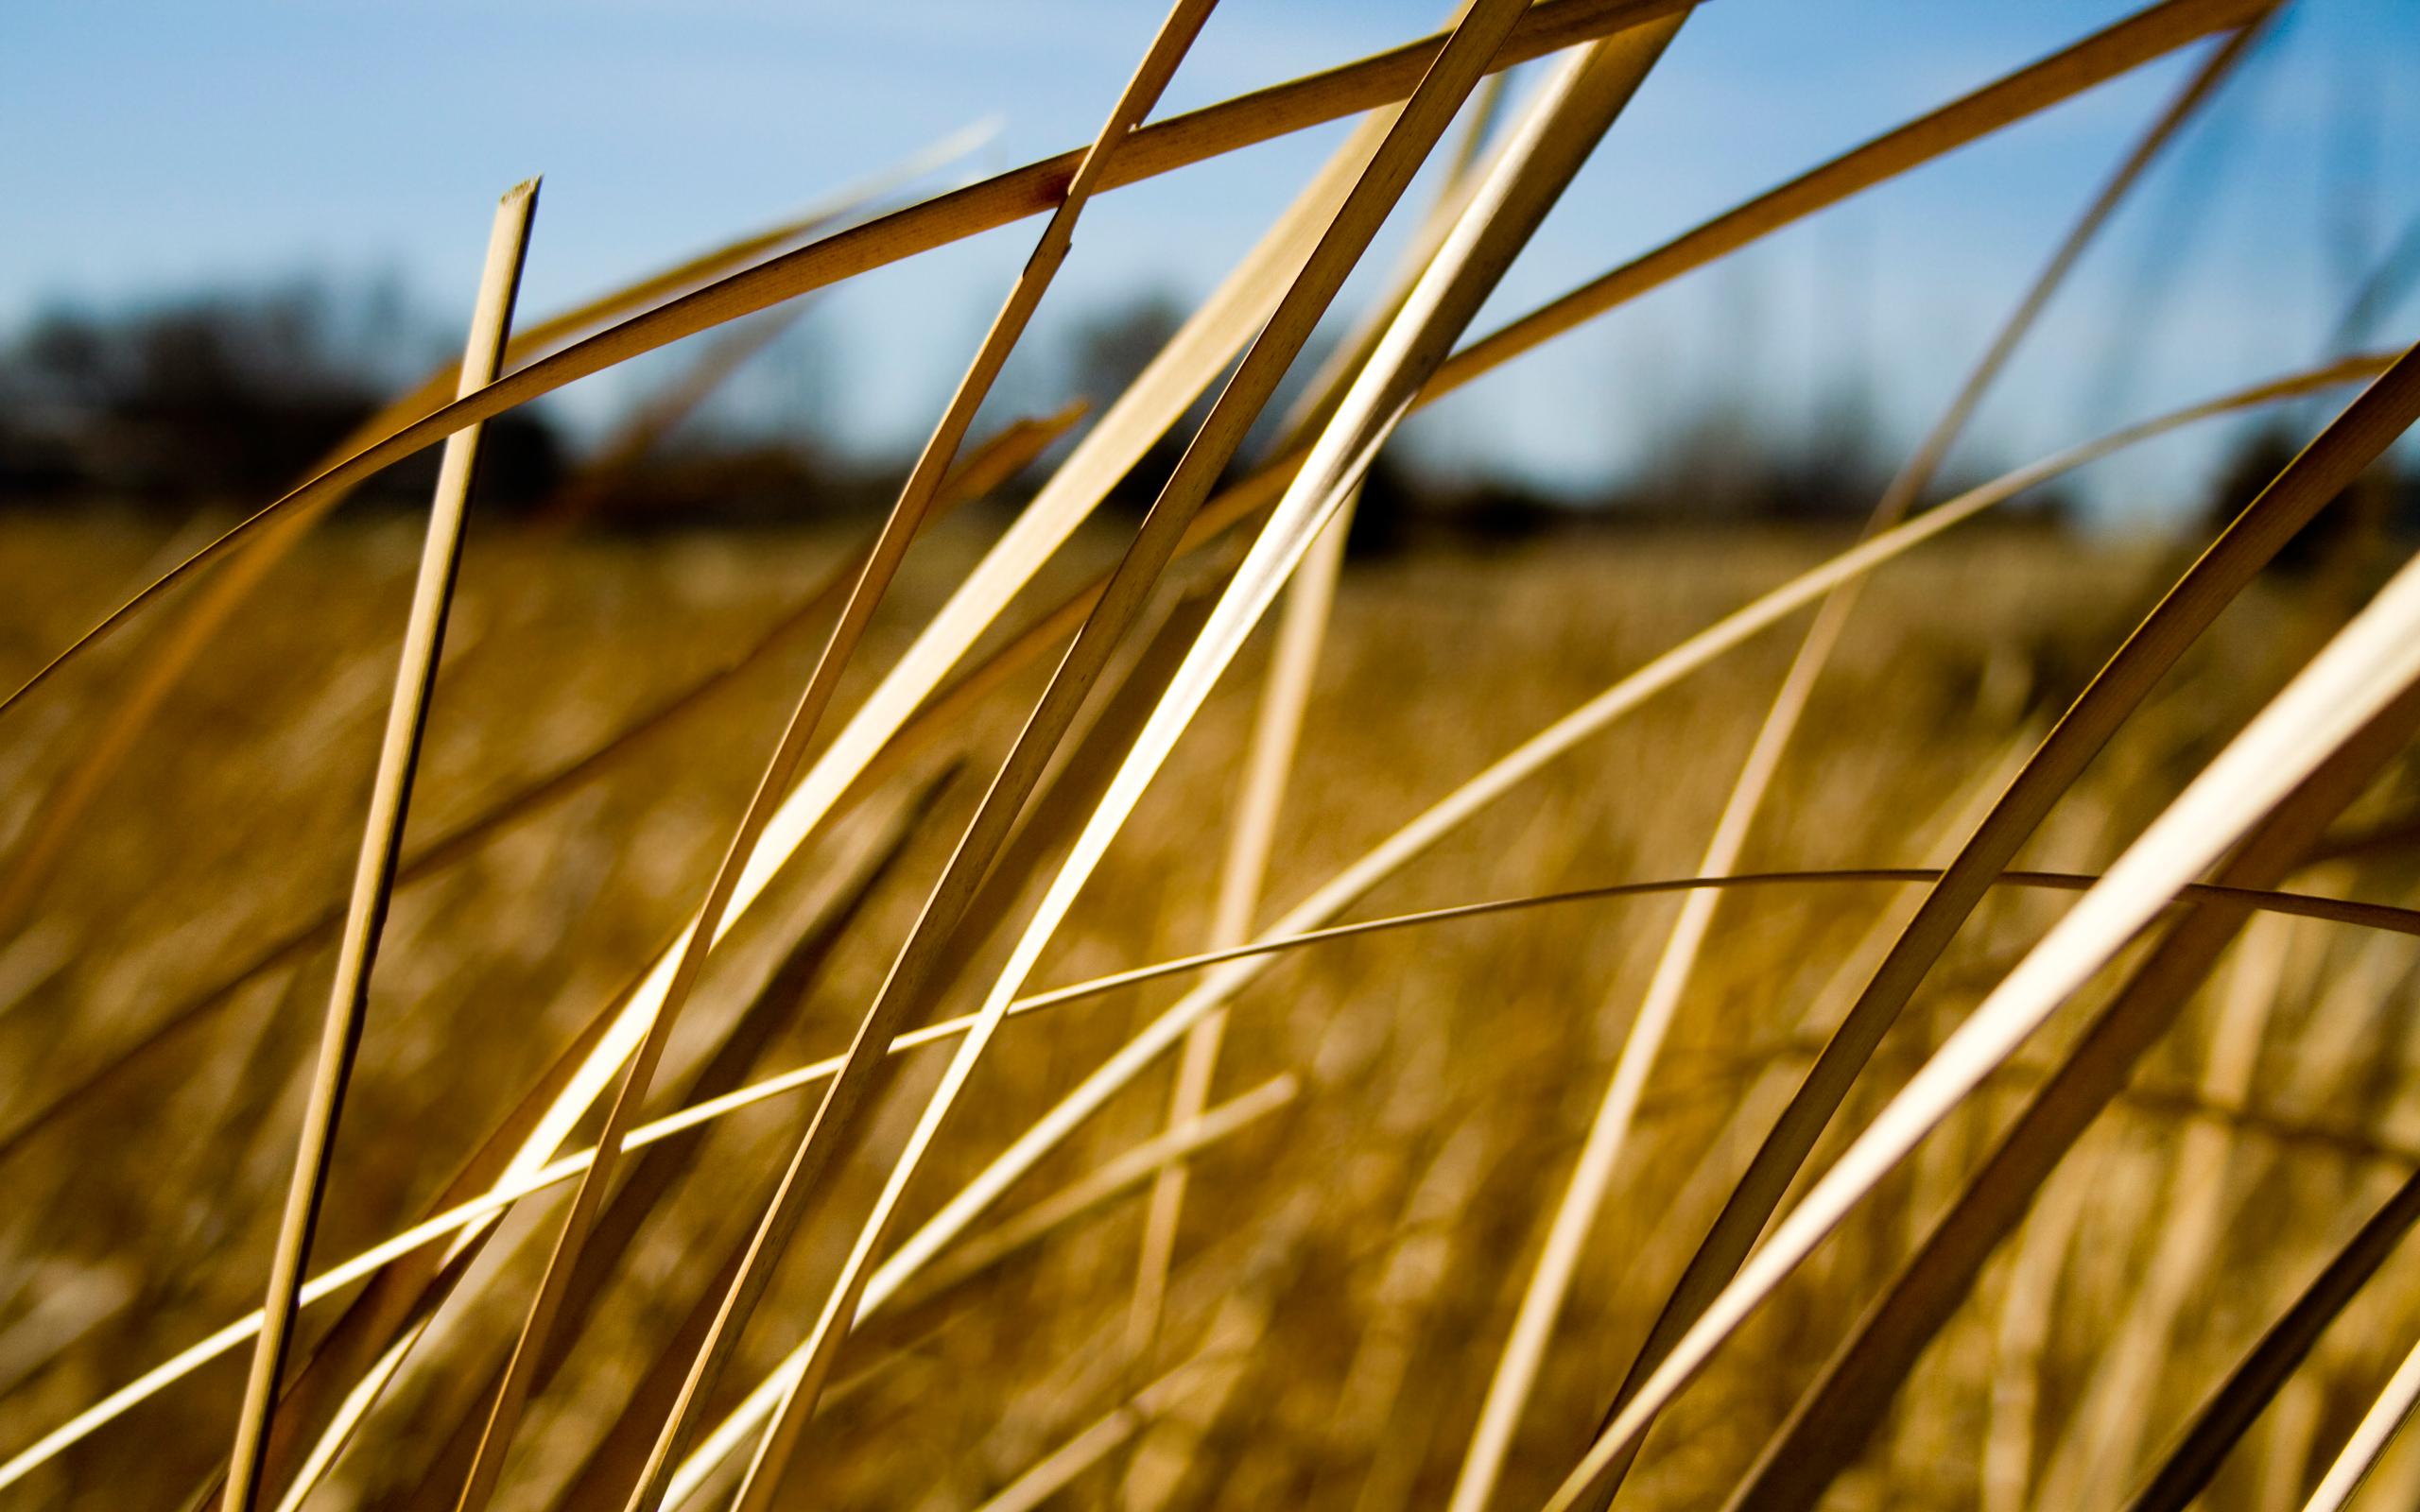 grass wallpaper summer